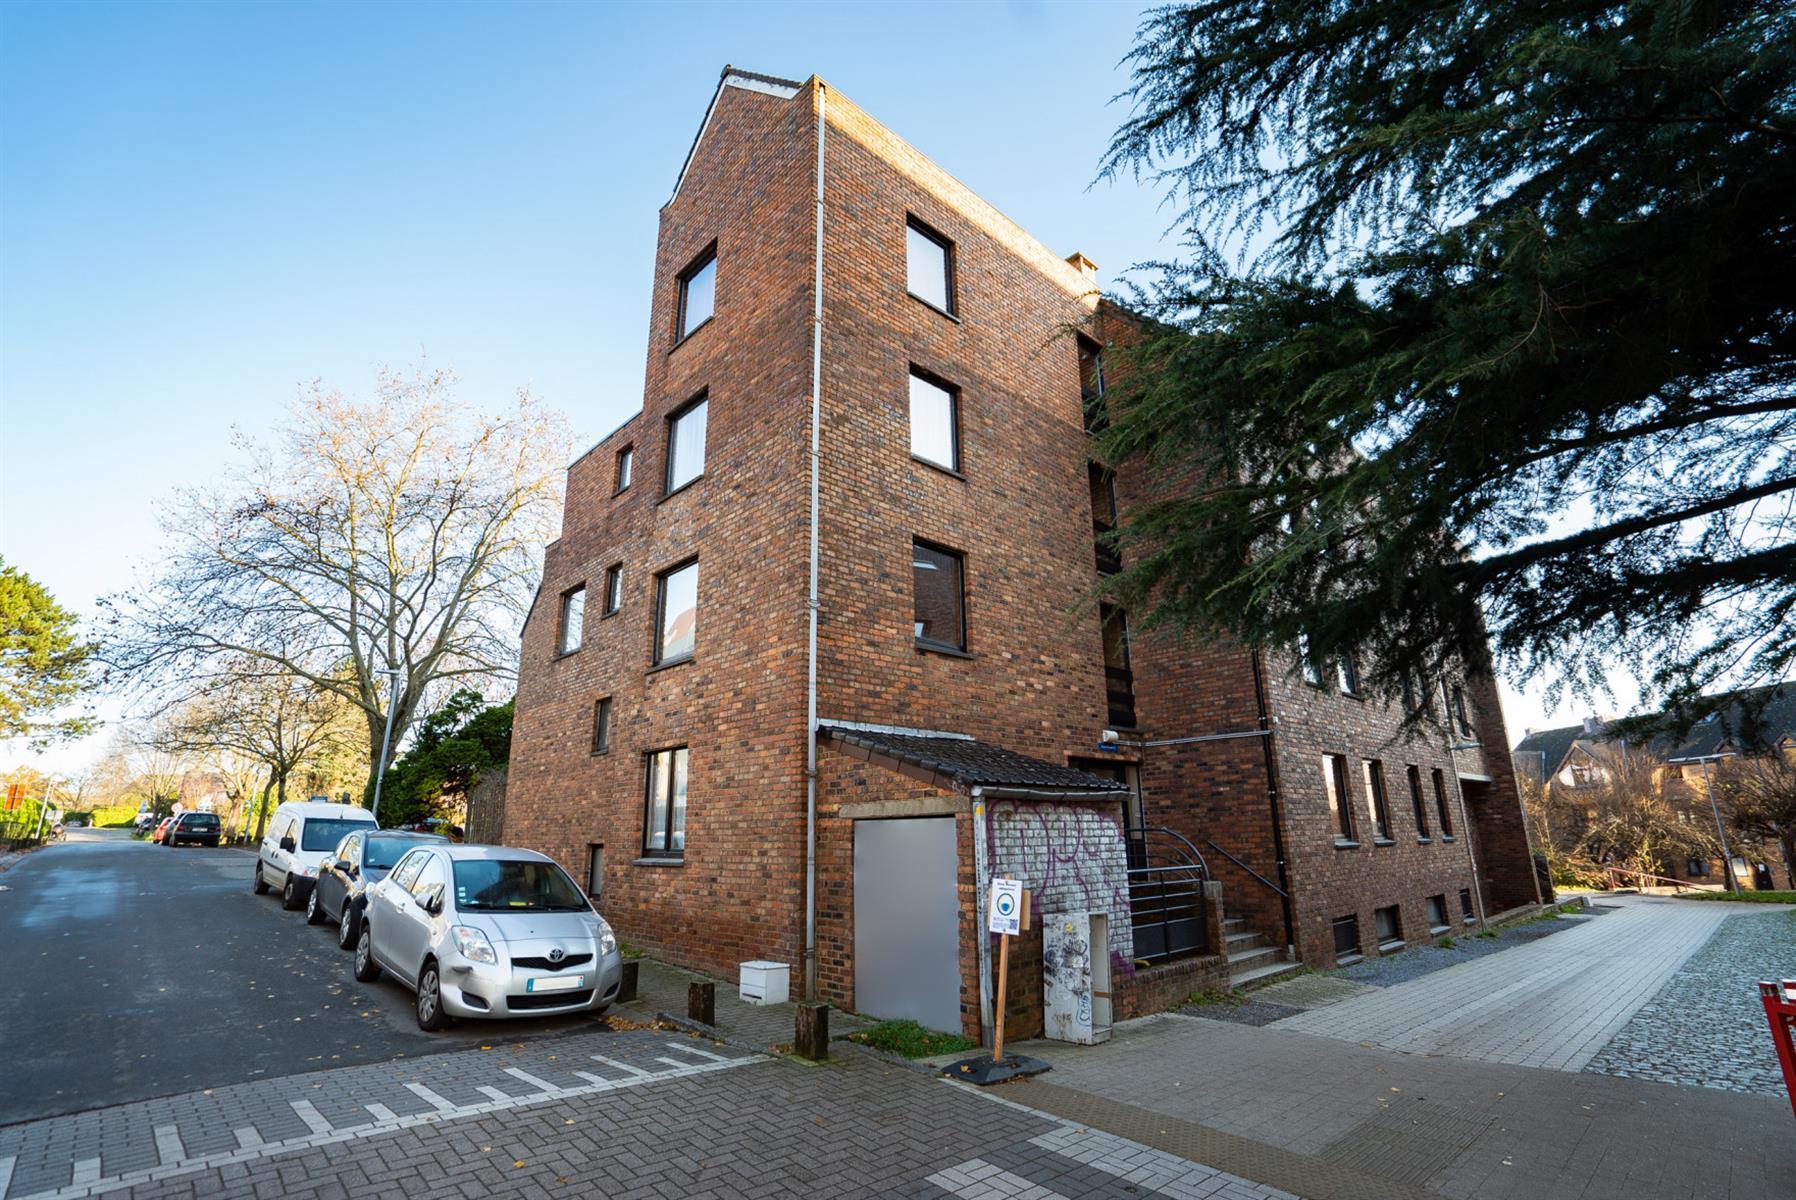 Appartement - Ottignies-Louvain-la-Neuve Louvain-la-Neuve - #4208592-18